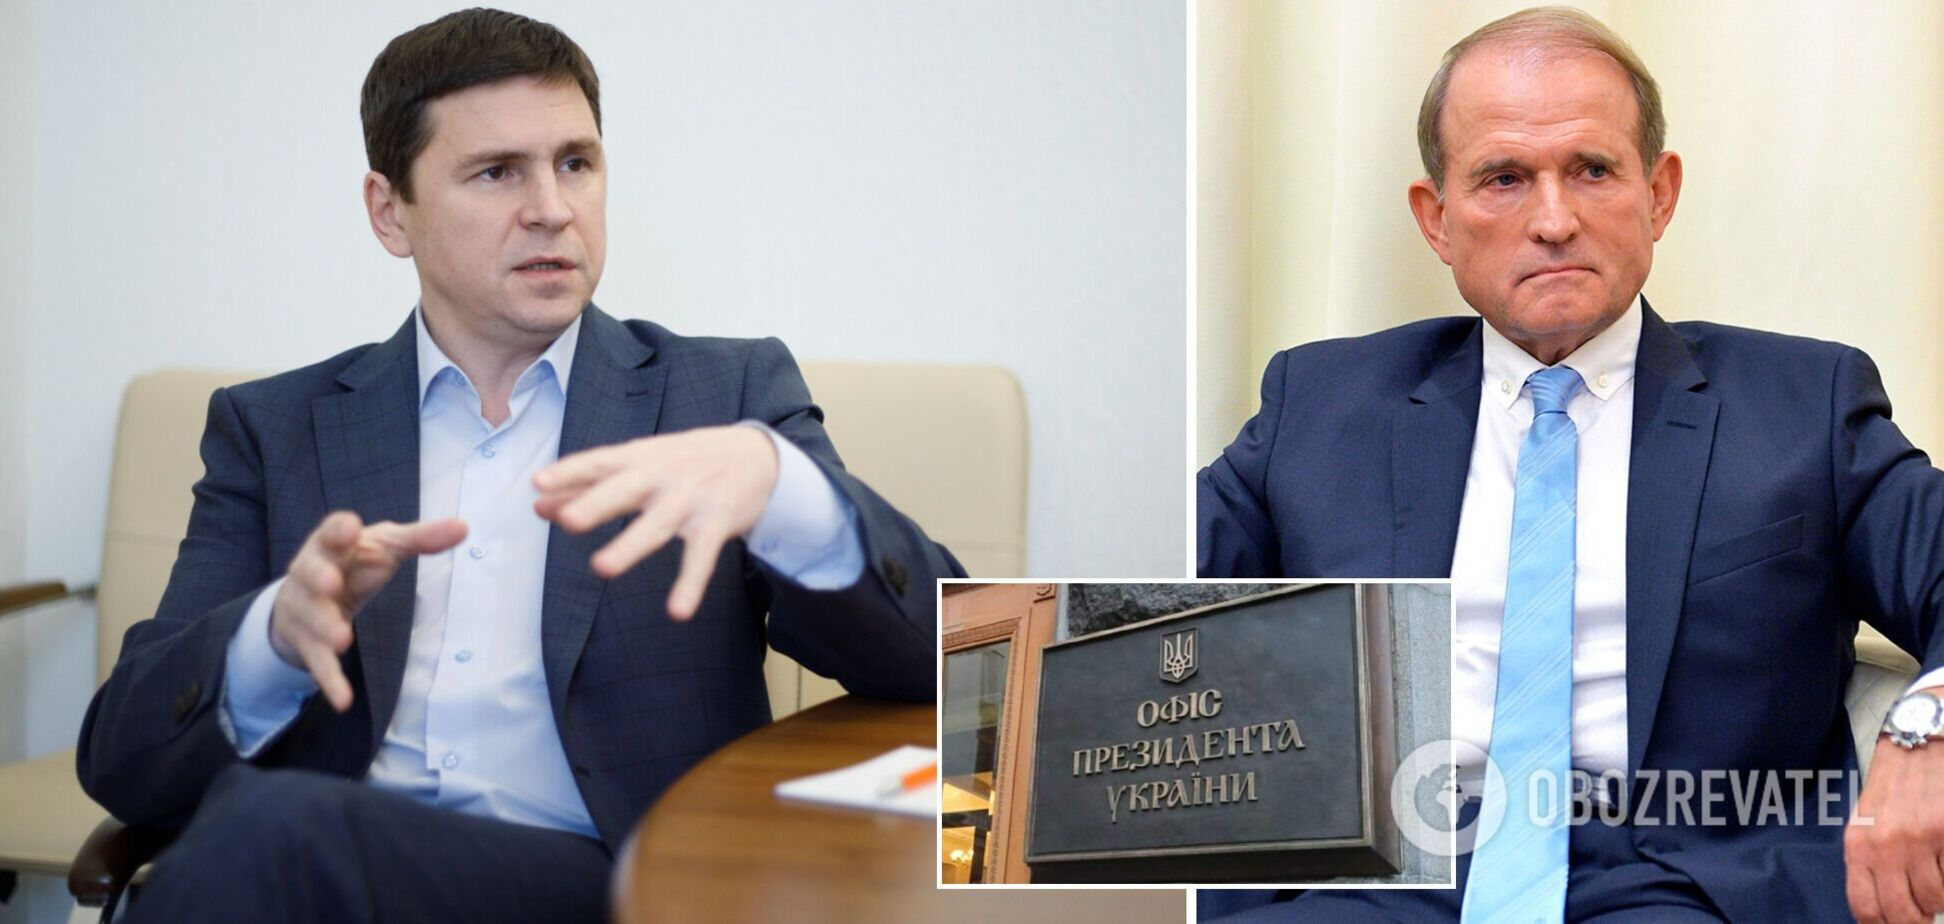 Подоляк о подозрении Медведчуку: спрятаться не получится, придется пройти через суд